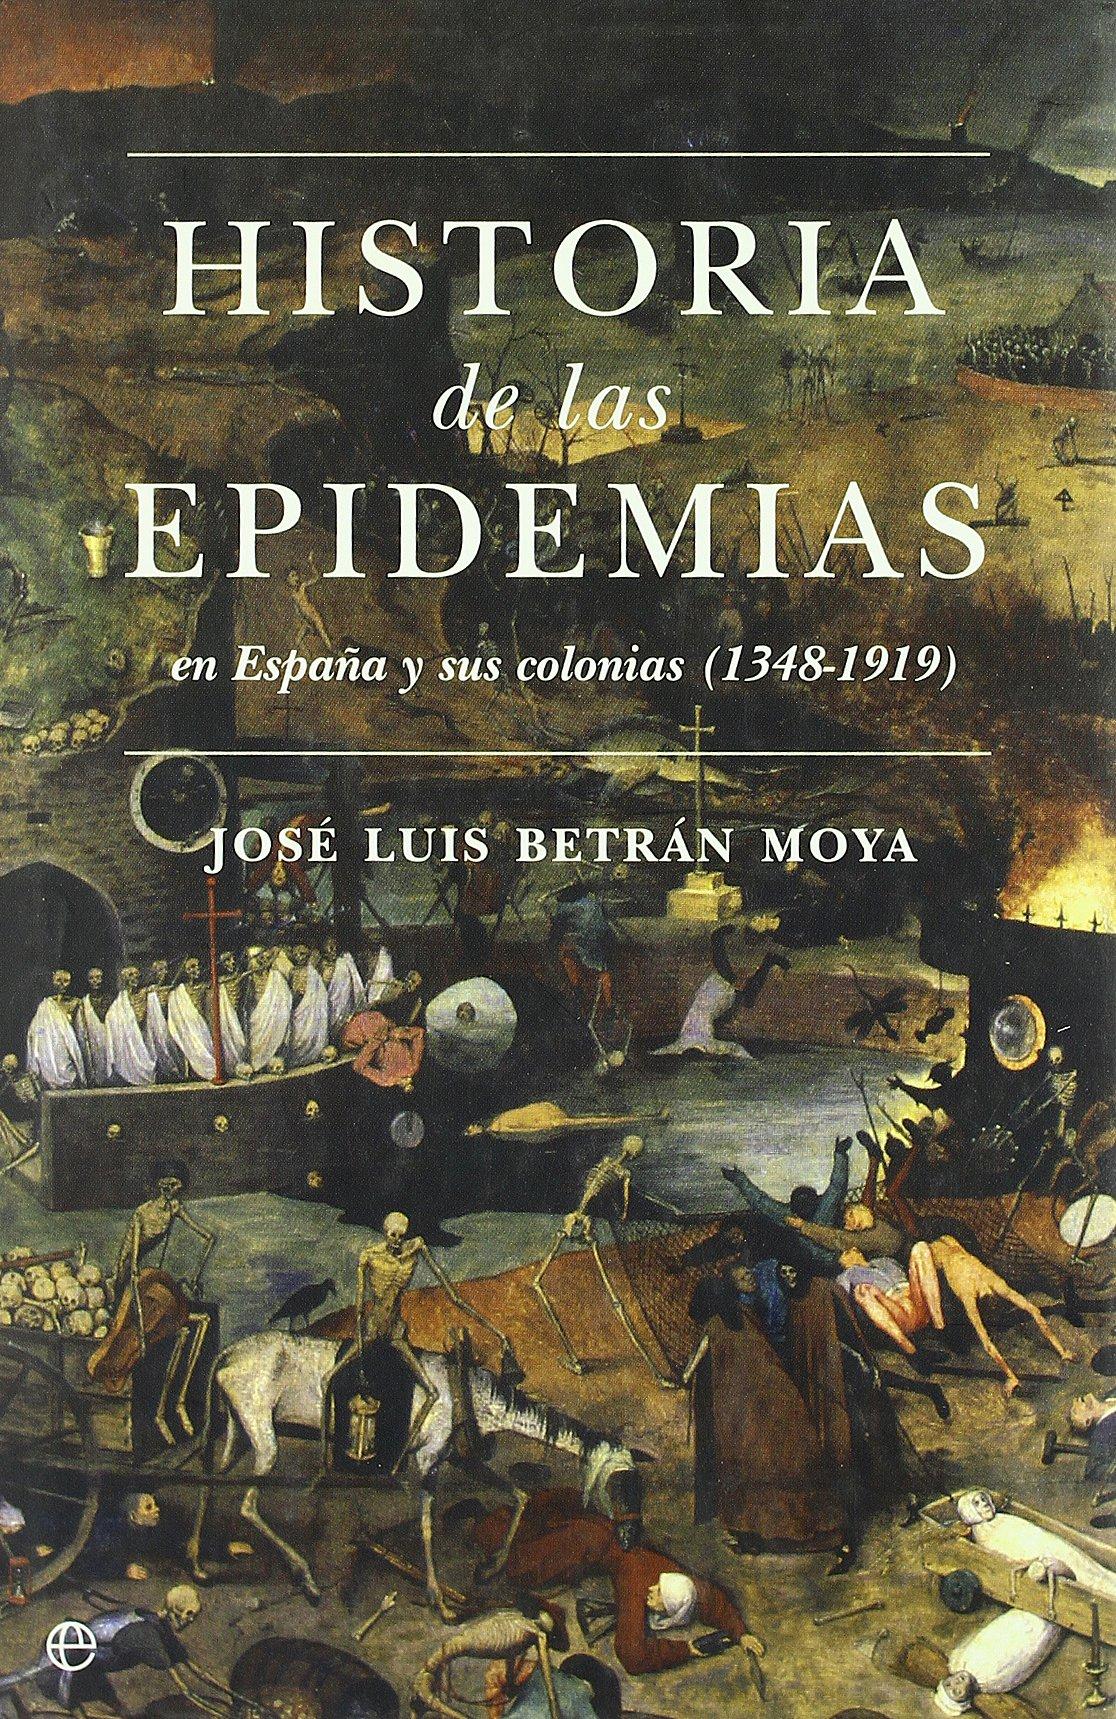 Historia de las epidemias en España y sus colonias 1348-1919 Historia Divulgativa: Amazon.es: Jose Luis Betran Moya: Libros